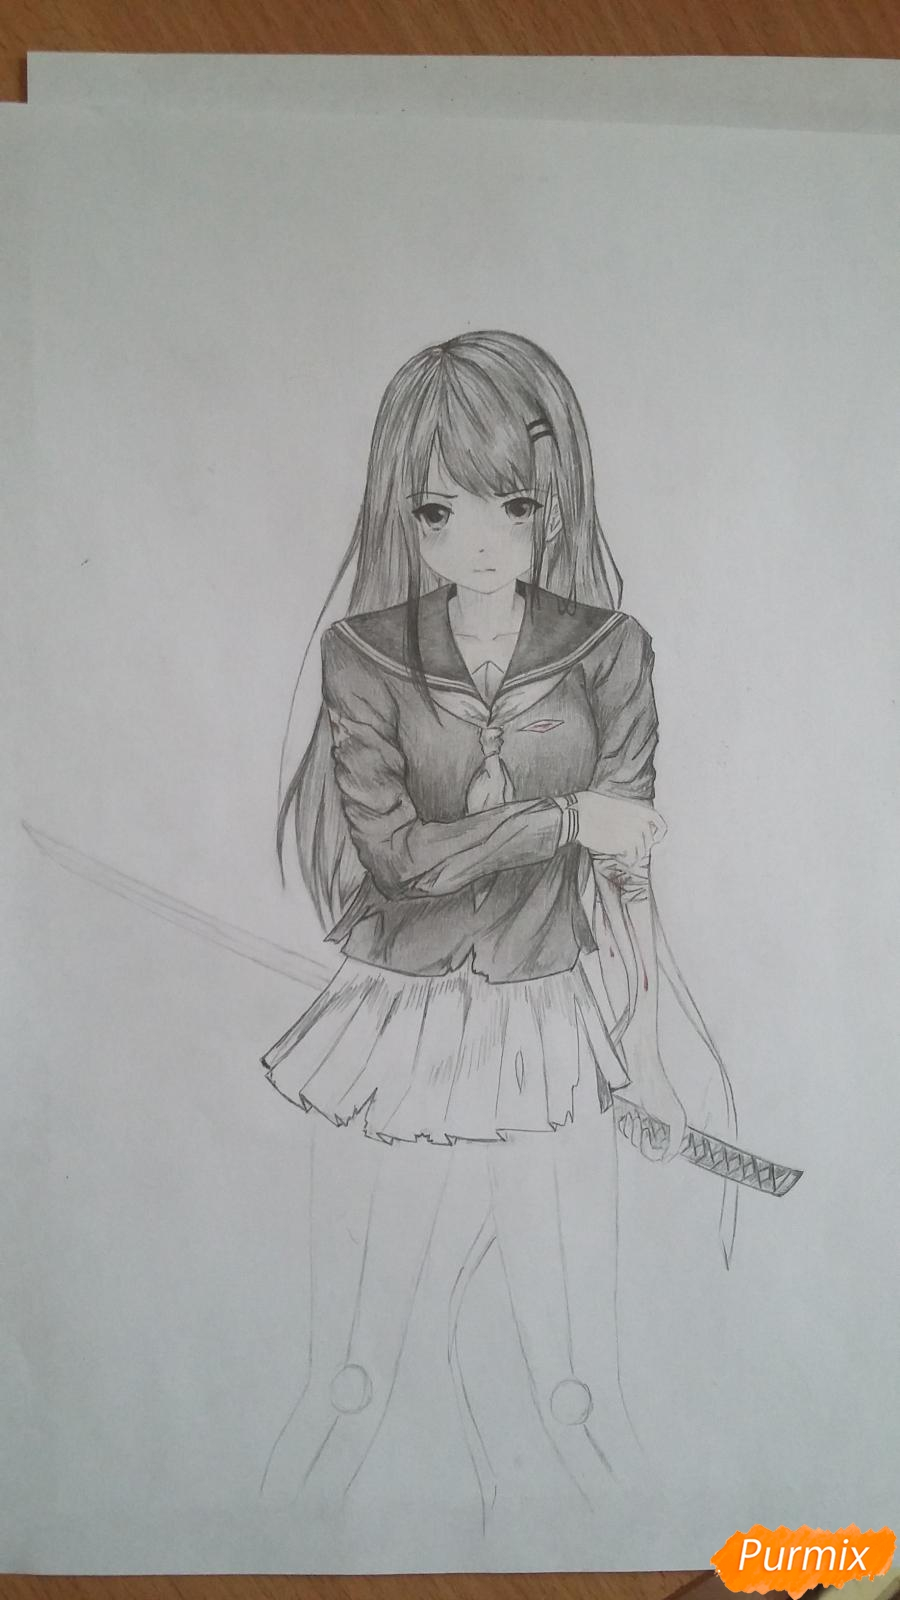 Рисуем девушку с катаной в аниме стиле - шаг 13